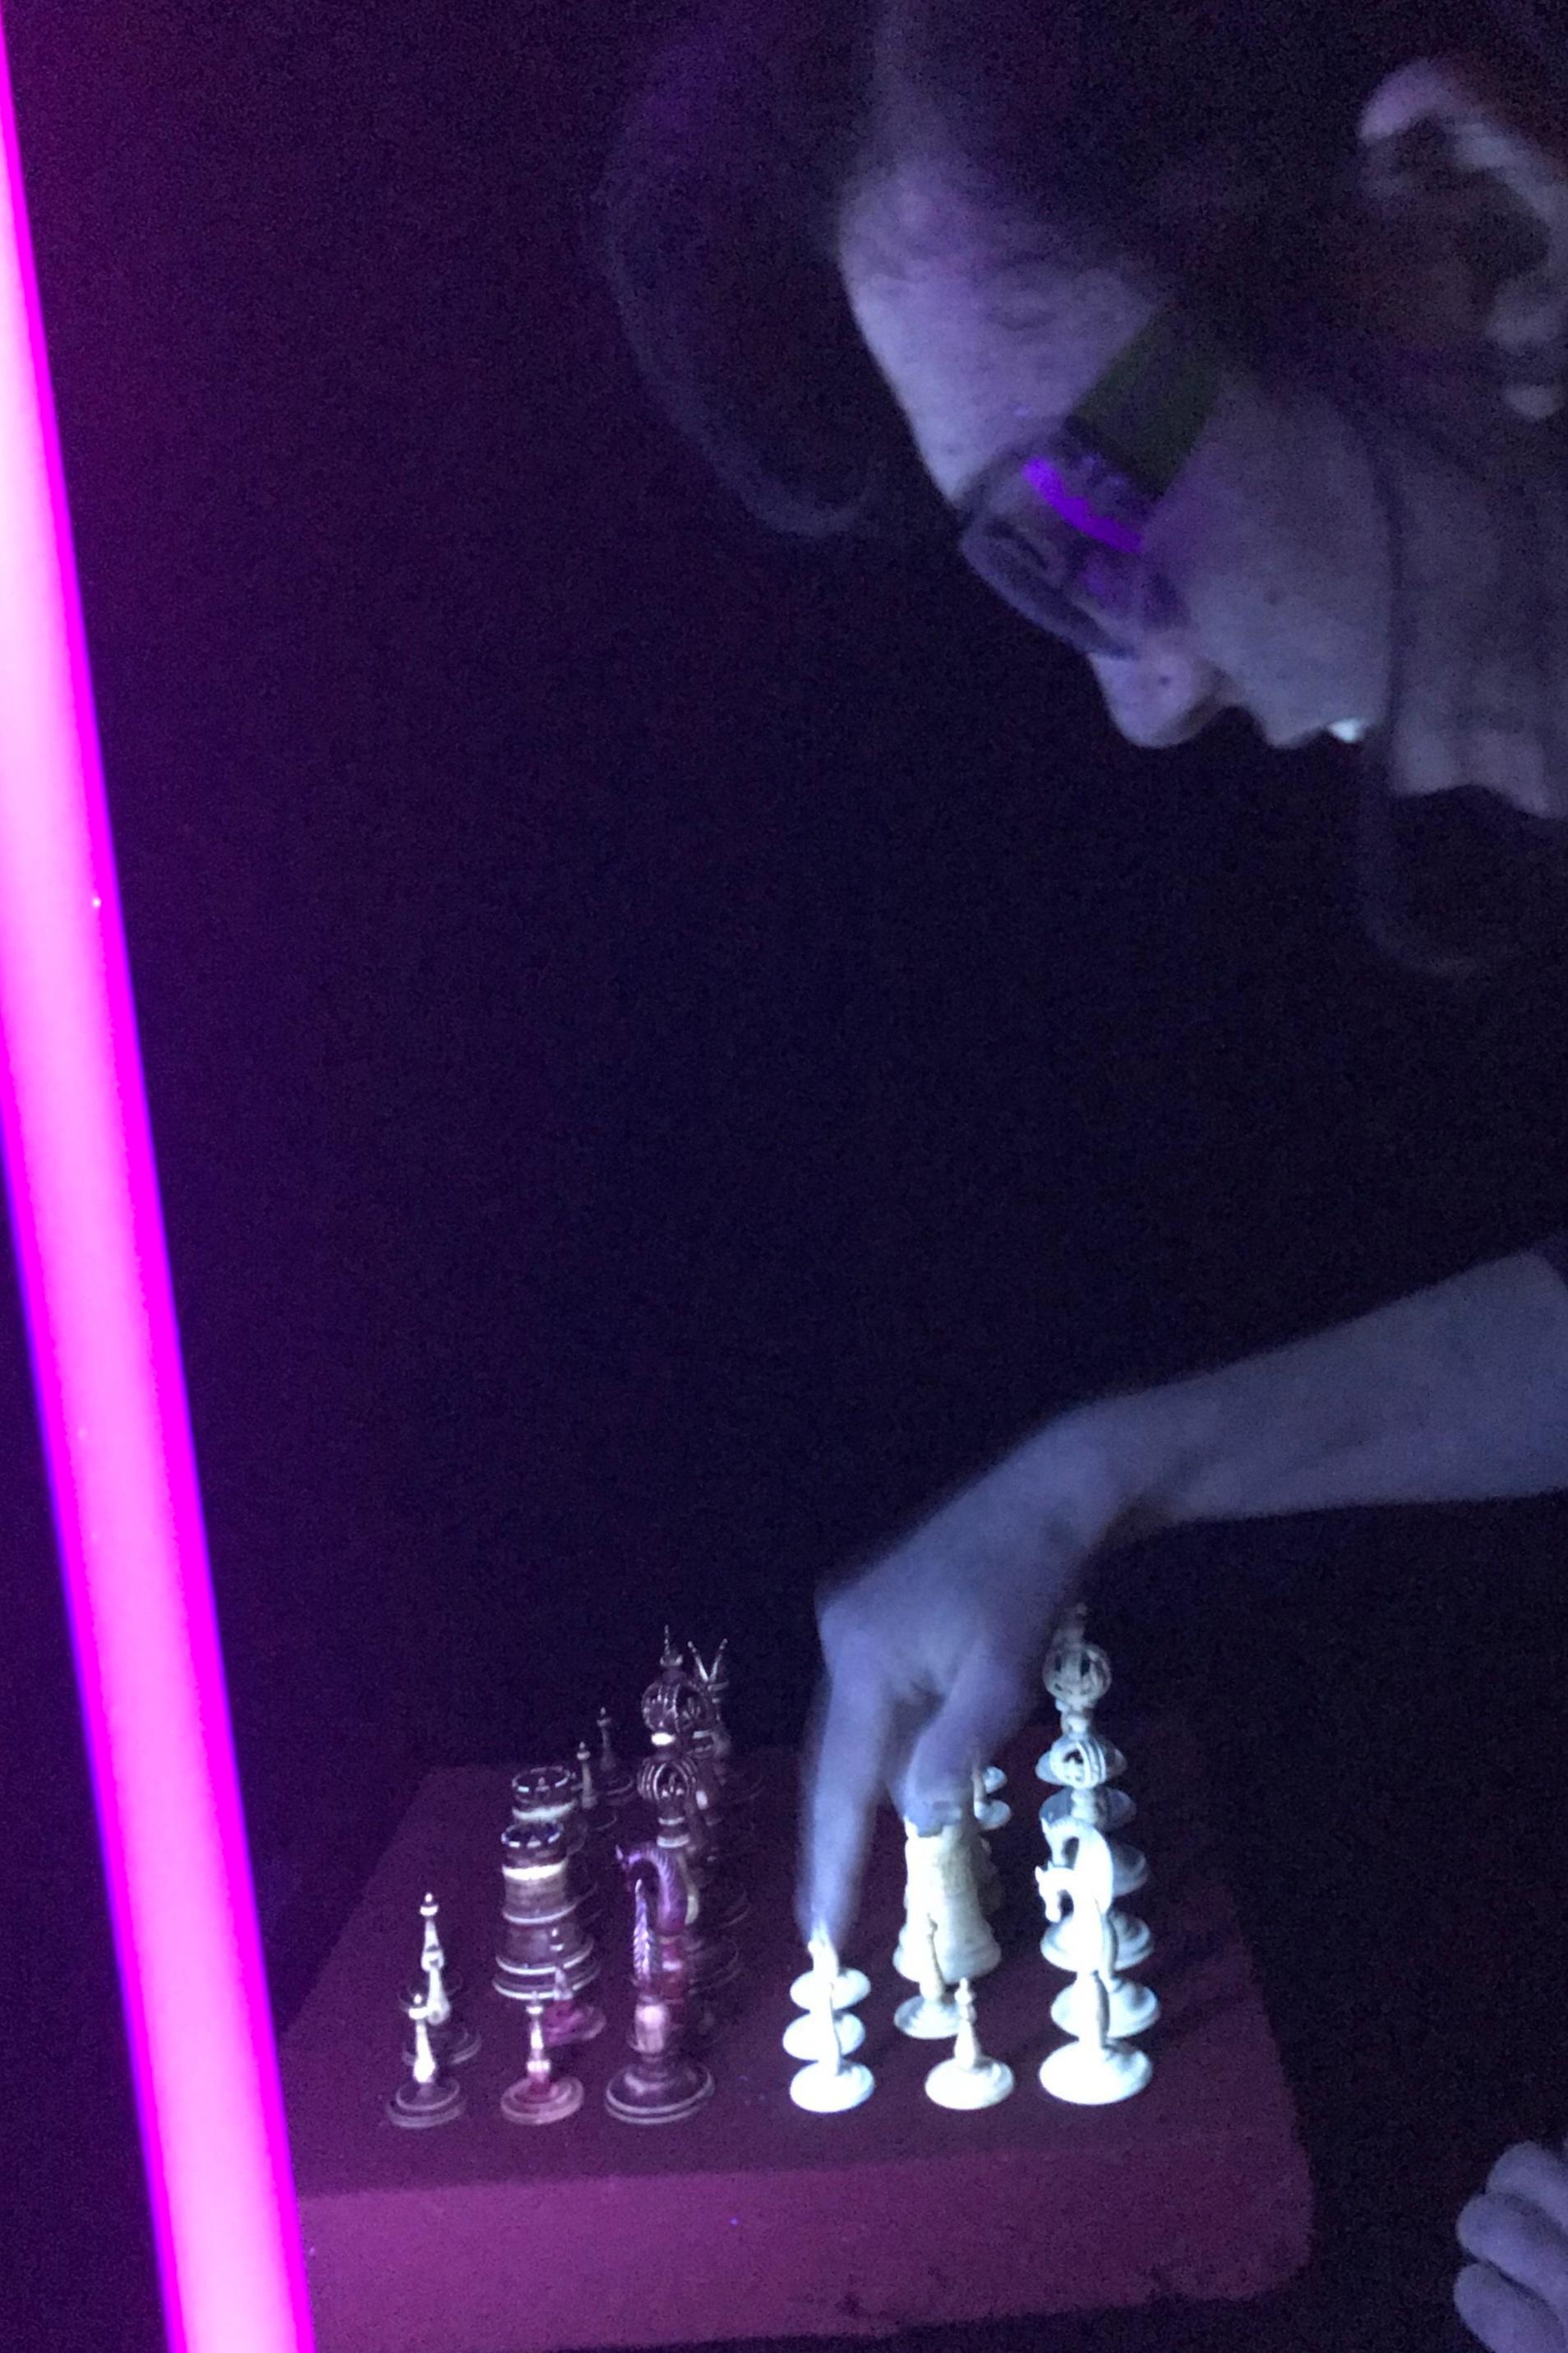 Examination under UV light